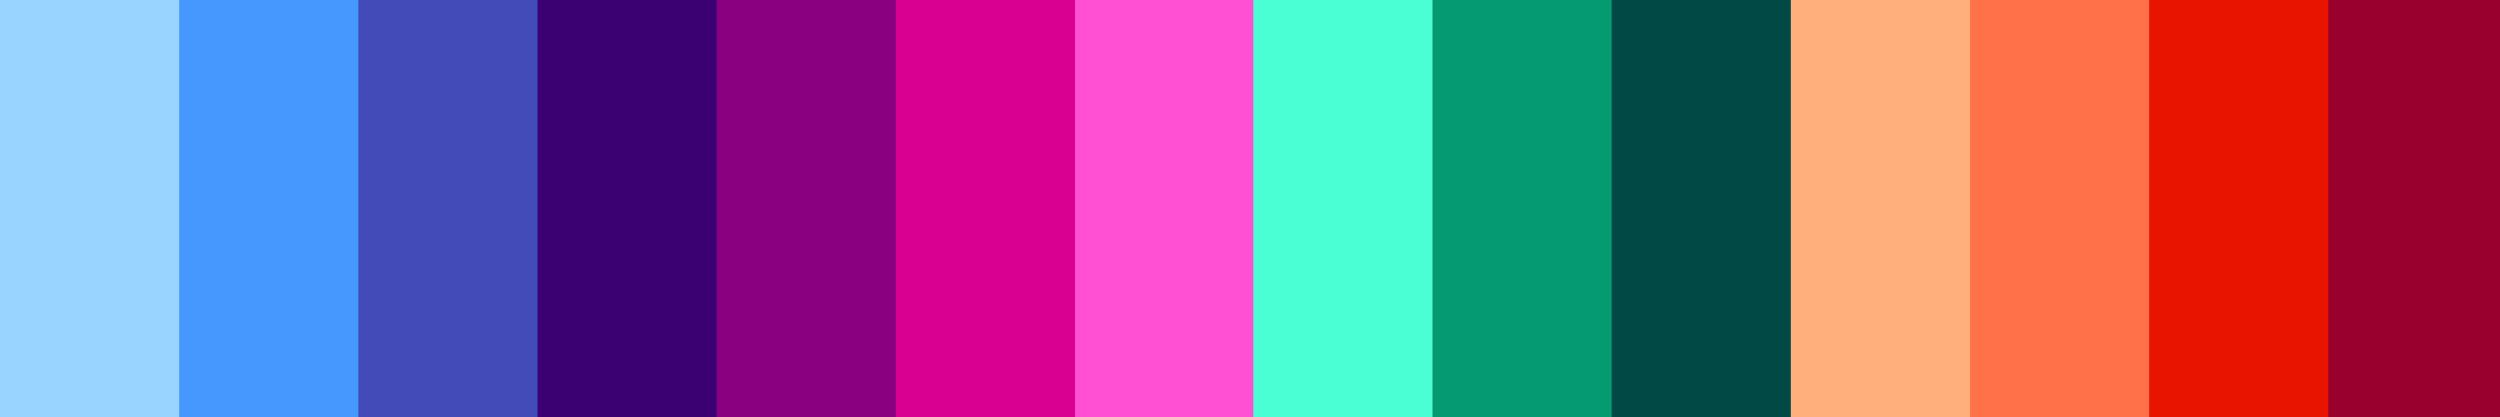 WBCG_Colors_Colors.png